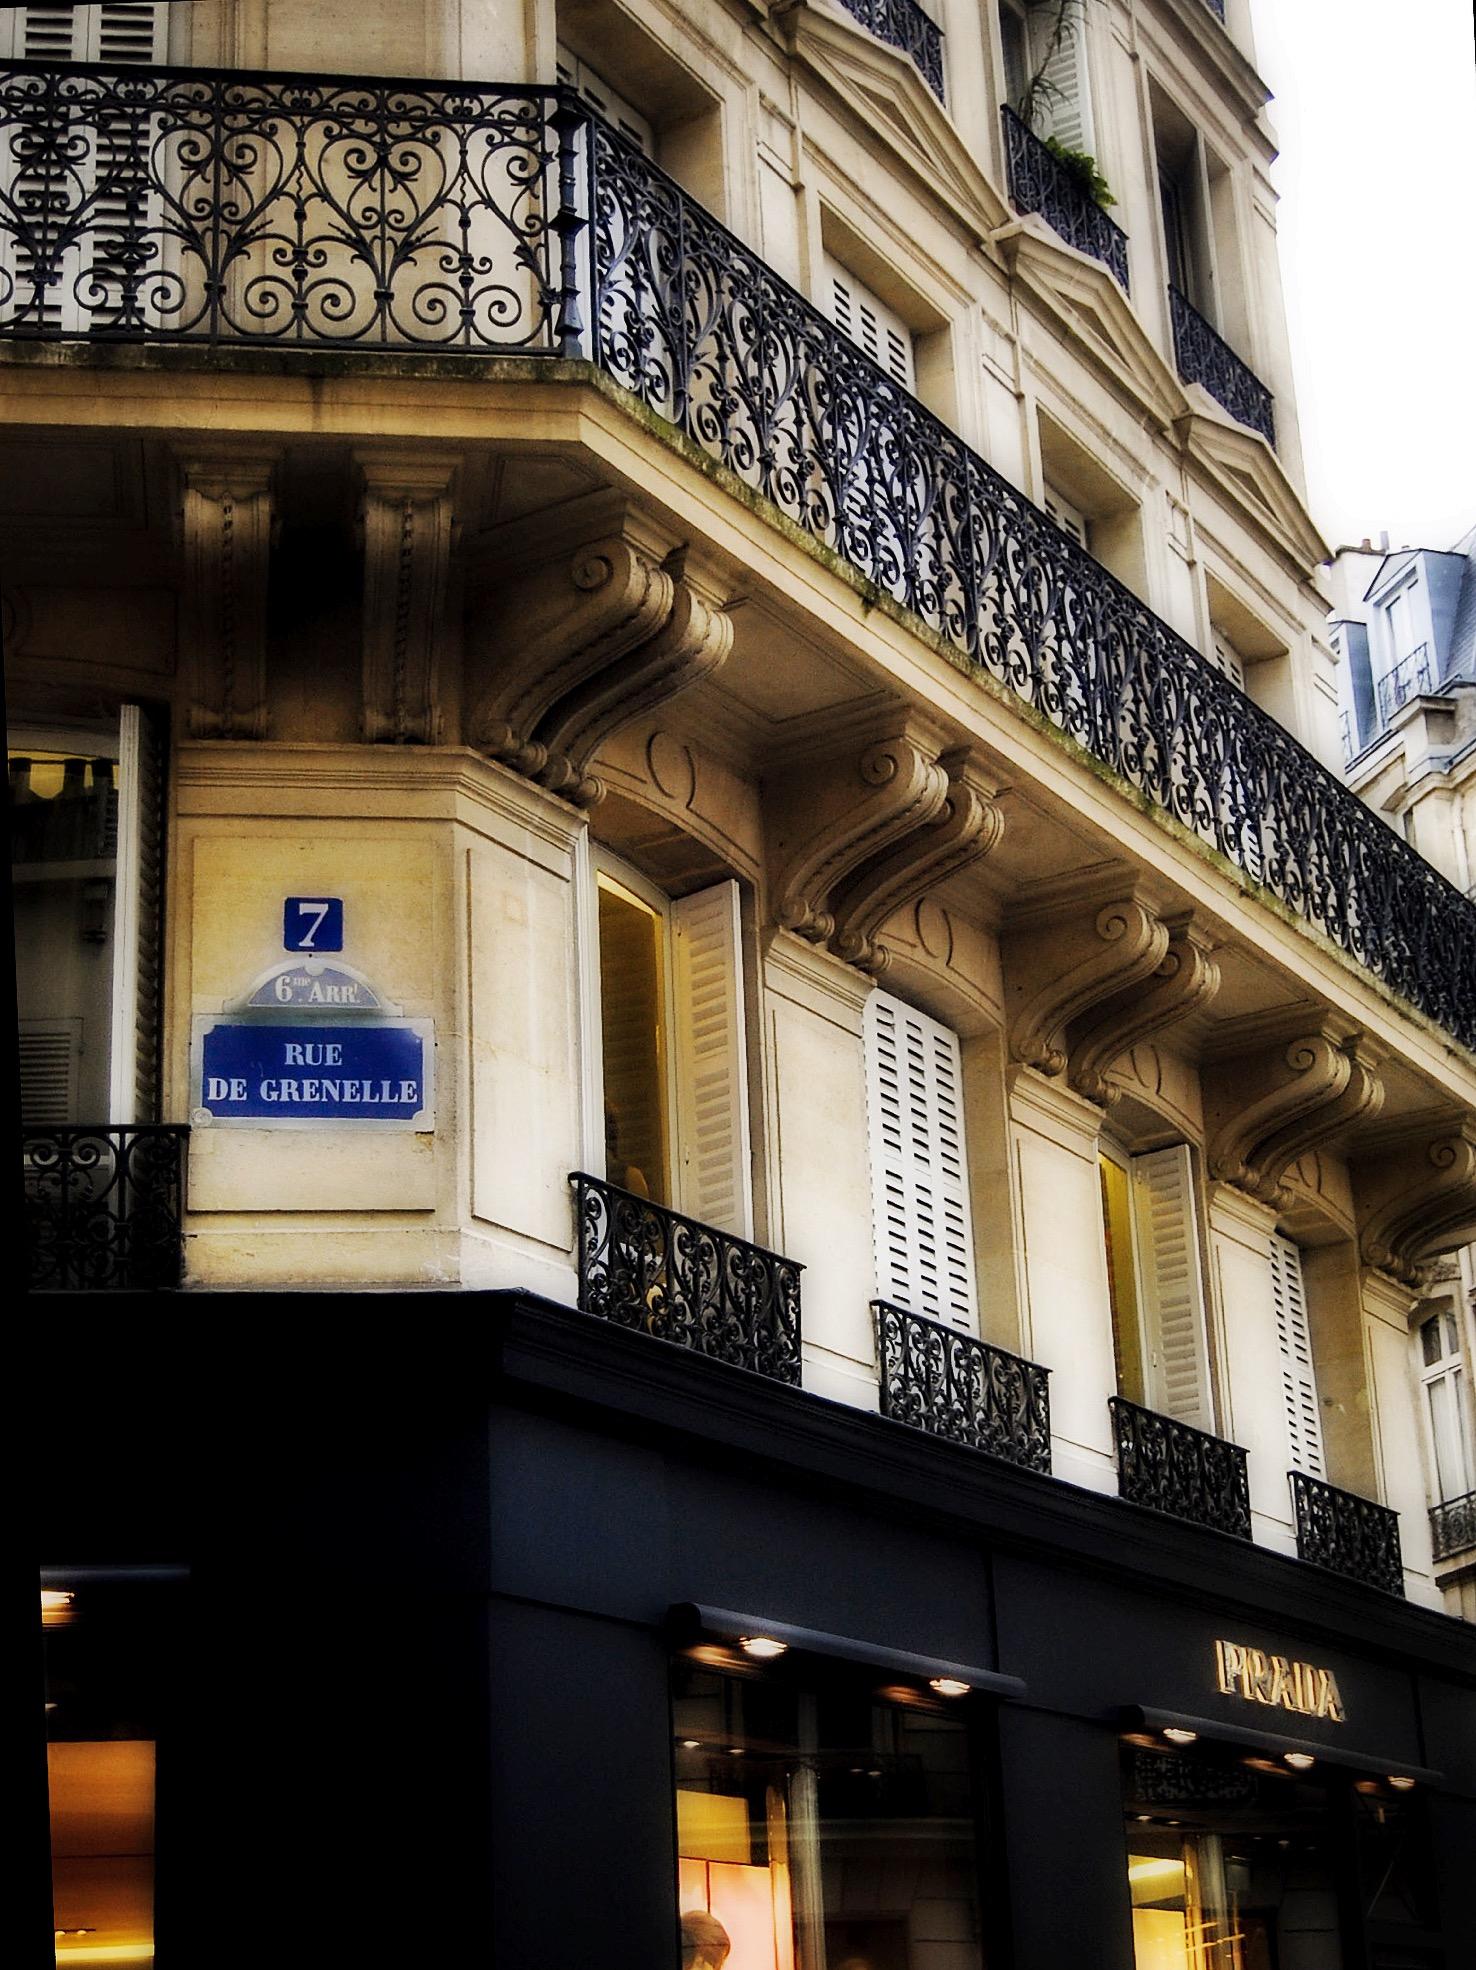 Grenelle Sokağı7 numarada bugün bir Prada mağazası var- üstündeki dairelerden biri de satılık.  Elinizi çabuk tutarsanız sizin olabilir.